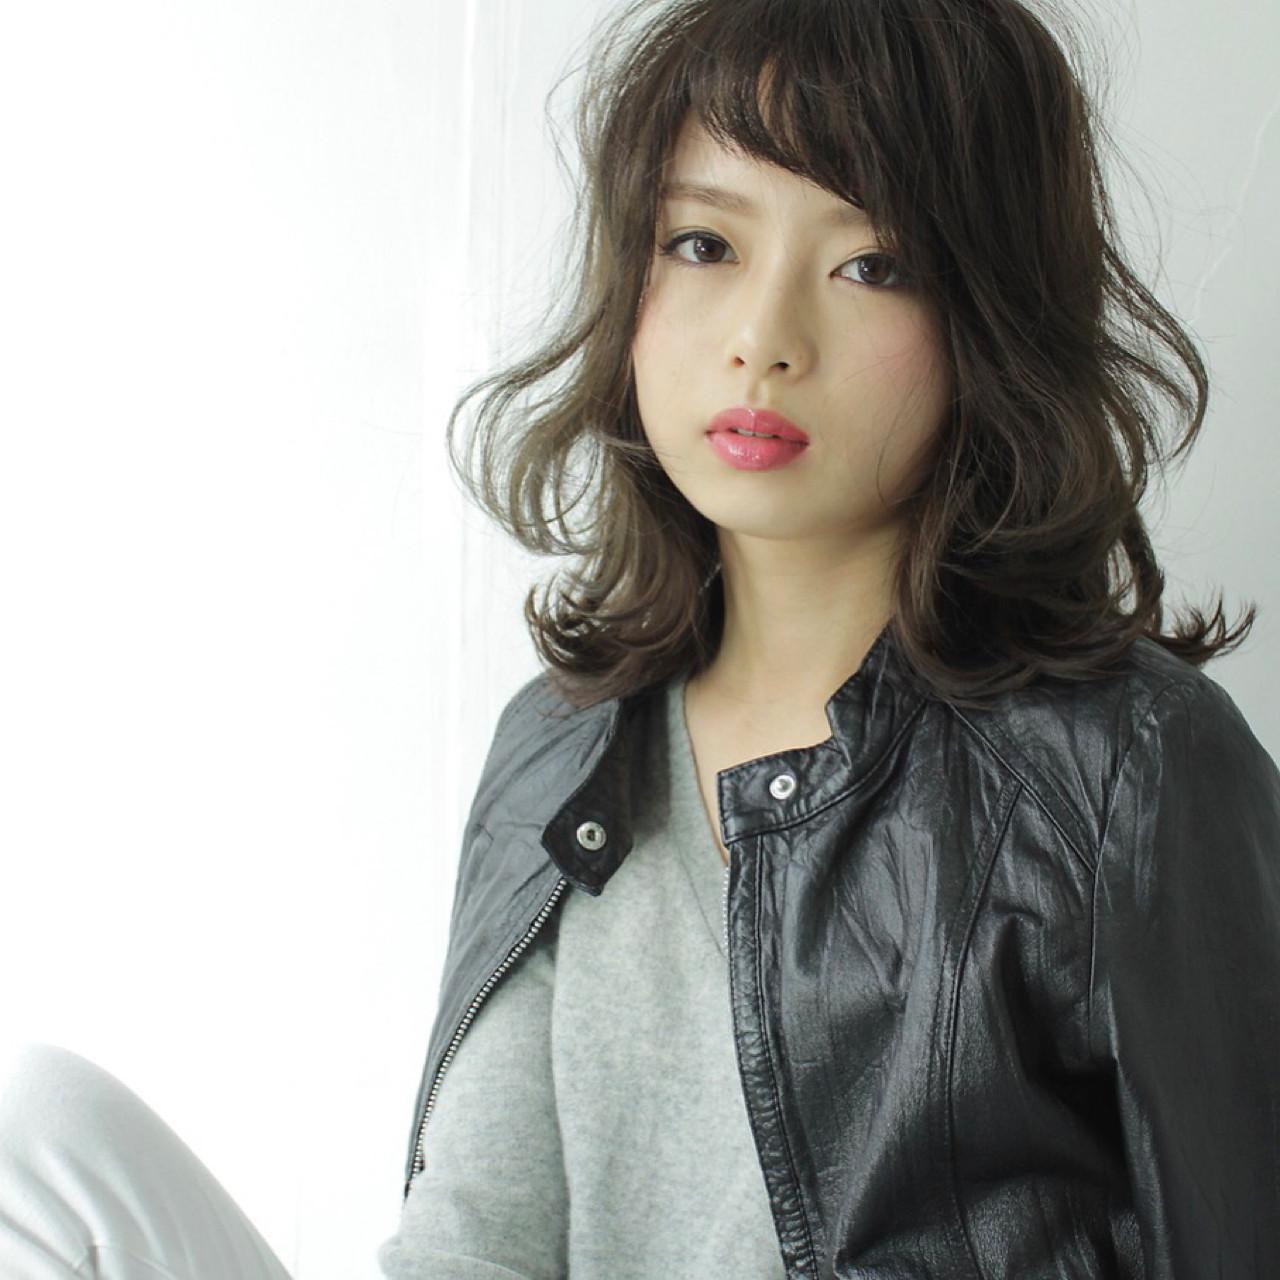 ノームコア 外ハネ 波ウェーブ 斜め前髪 ヘアスタイルや髪型の写真・画像